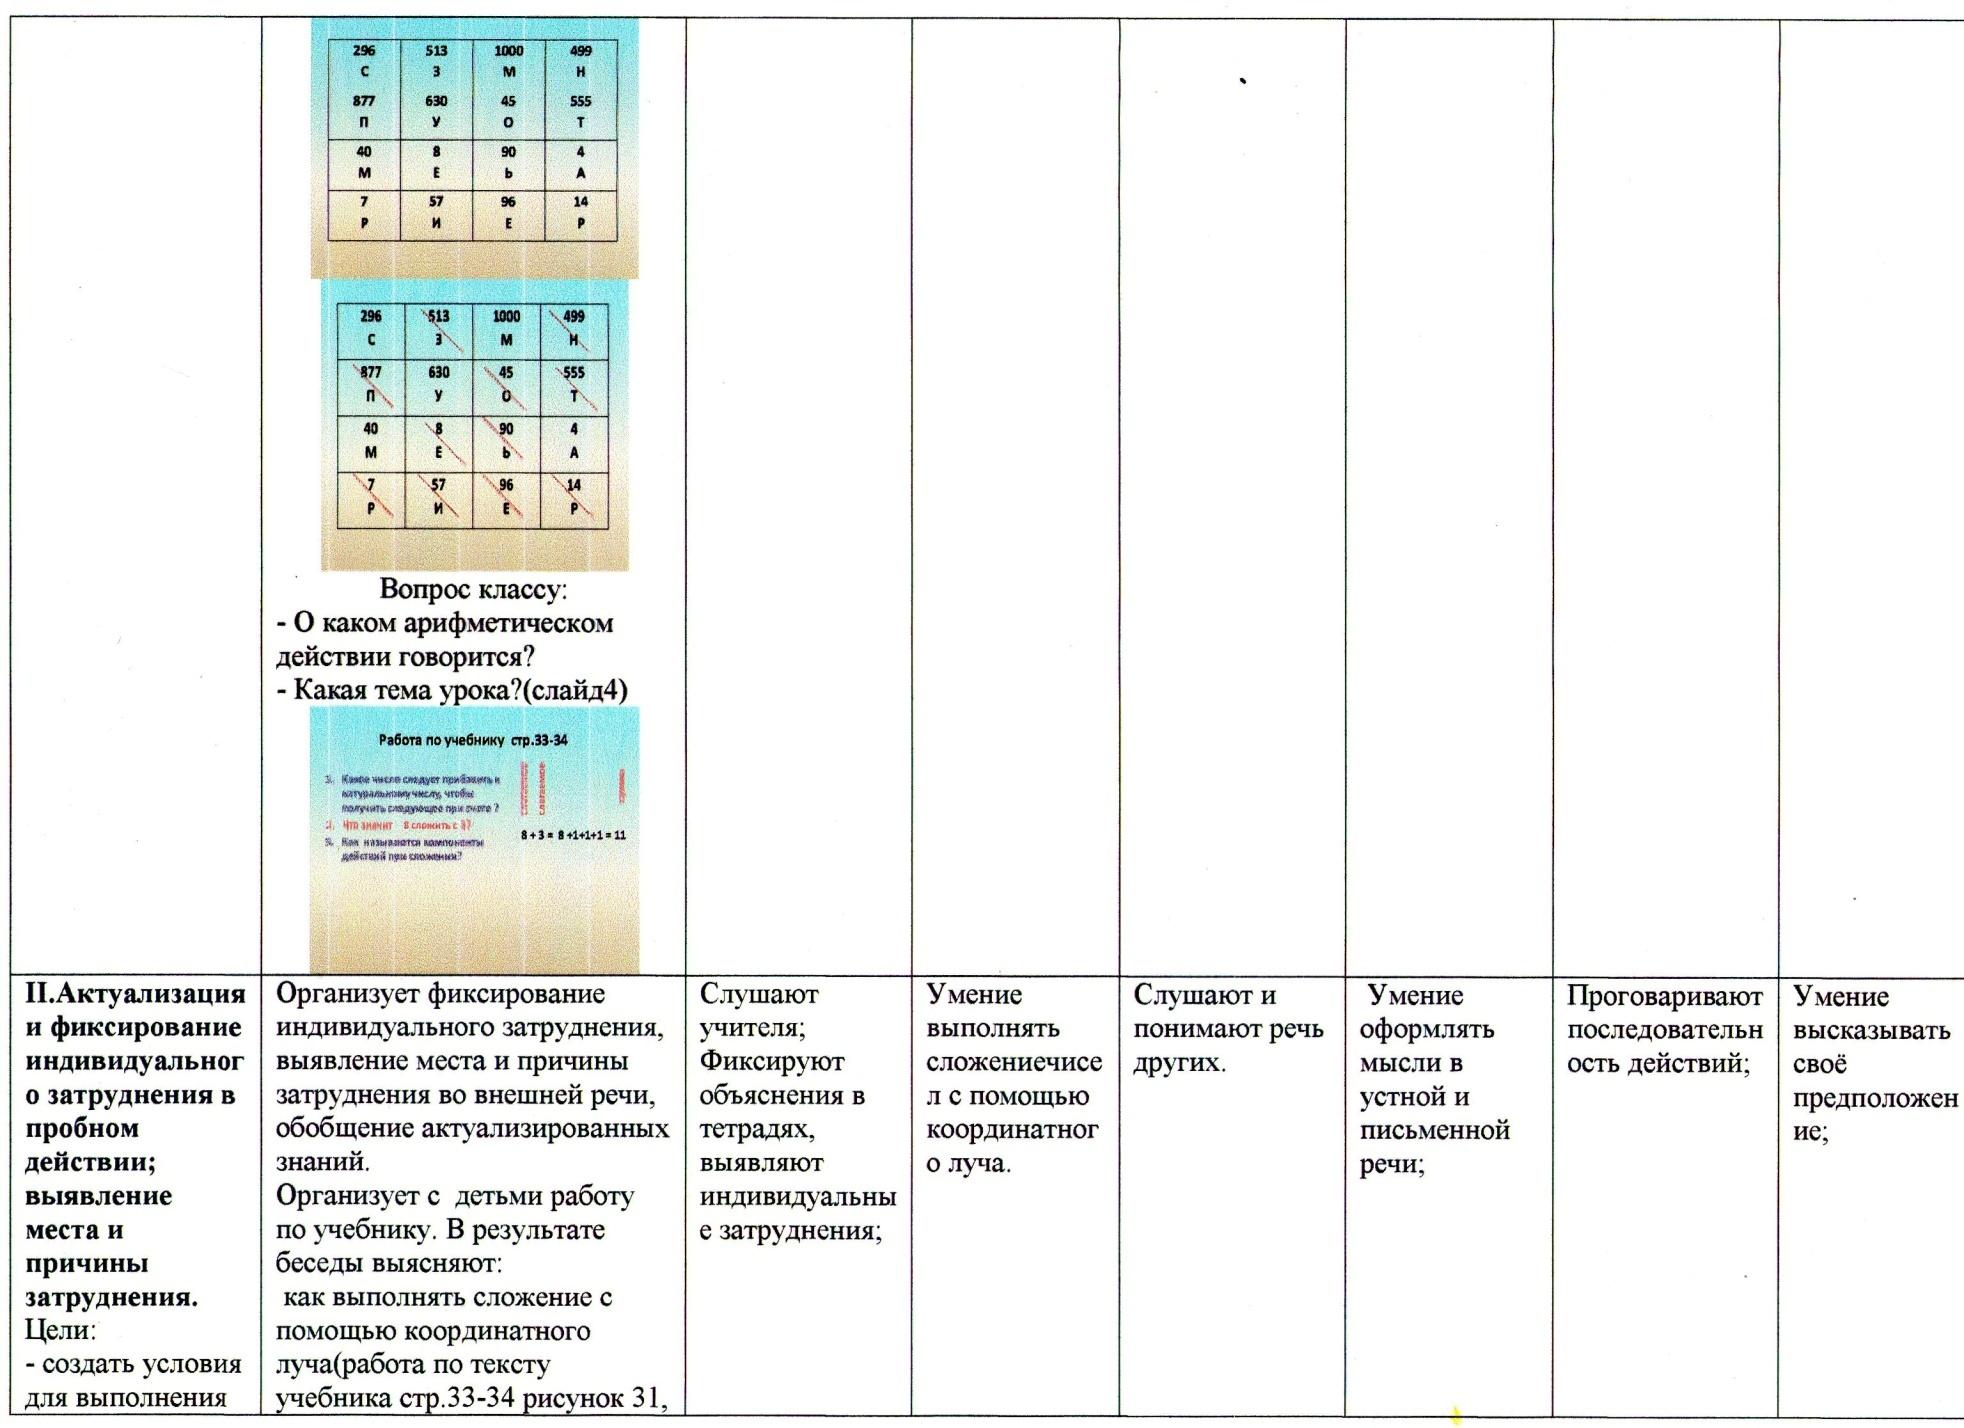 C:\Documents and Settings\Admin\Мои документы\Мои рисунки\img031.jpg